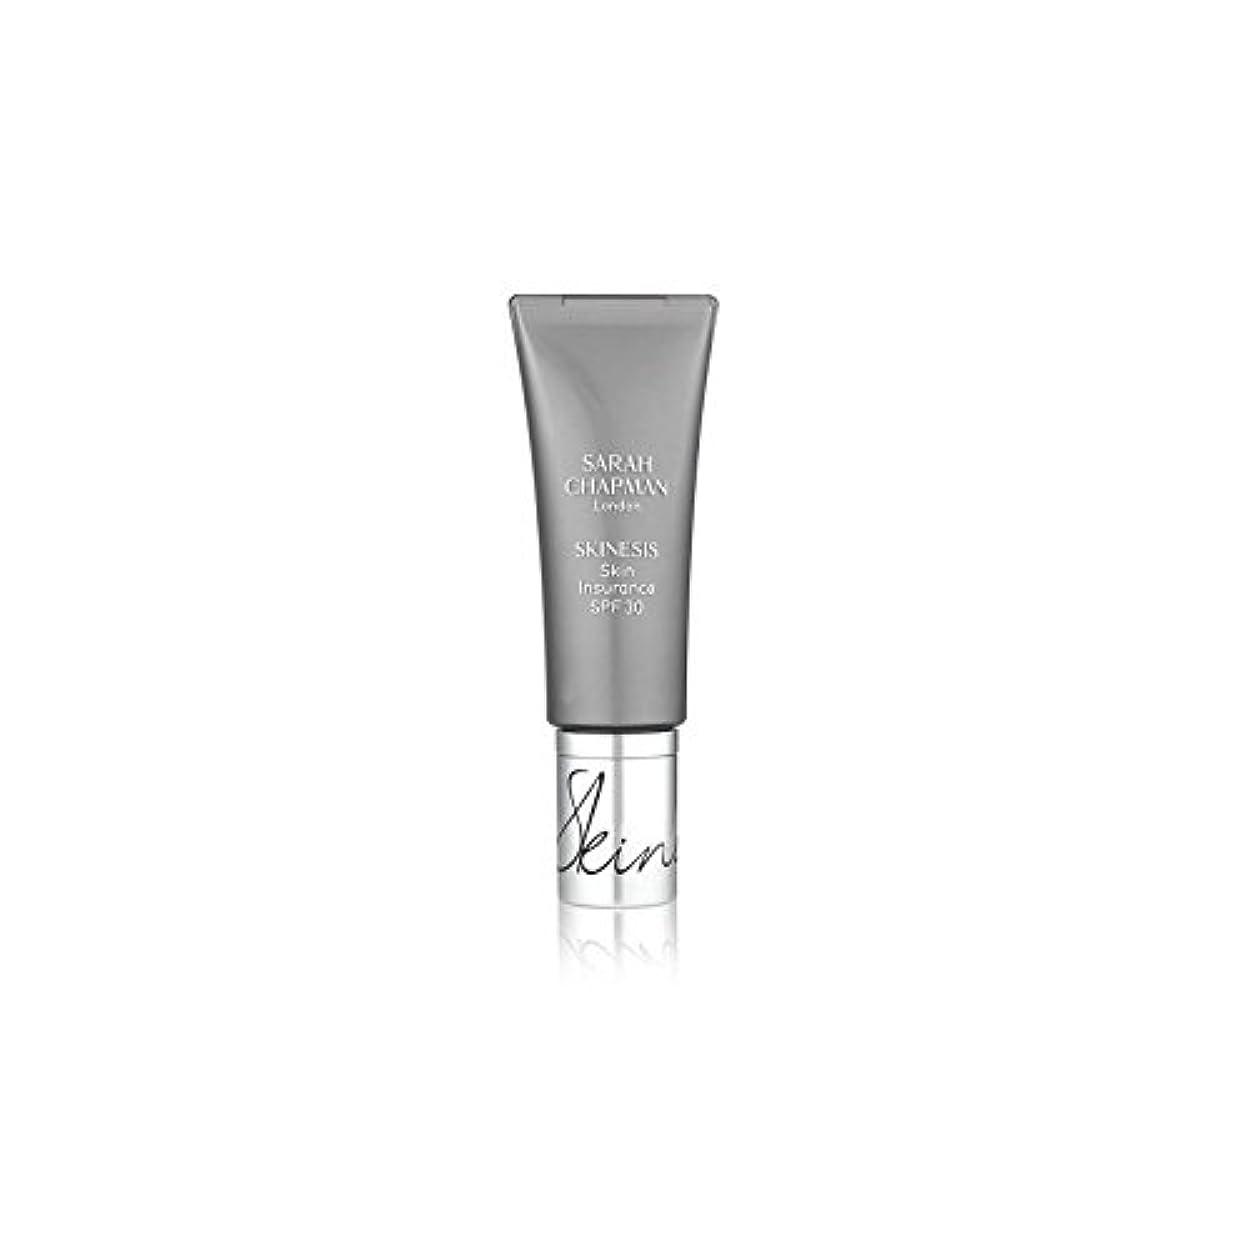 力倫理拡張Sarah Chapman Skinesis Skin Insurance Spf 30 (30ml) - サラ?チャップマン皮膚保険 30(30ミリリットル) [並行輸入品]